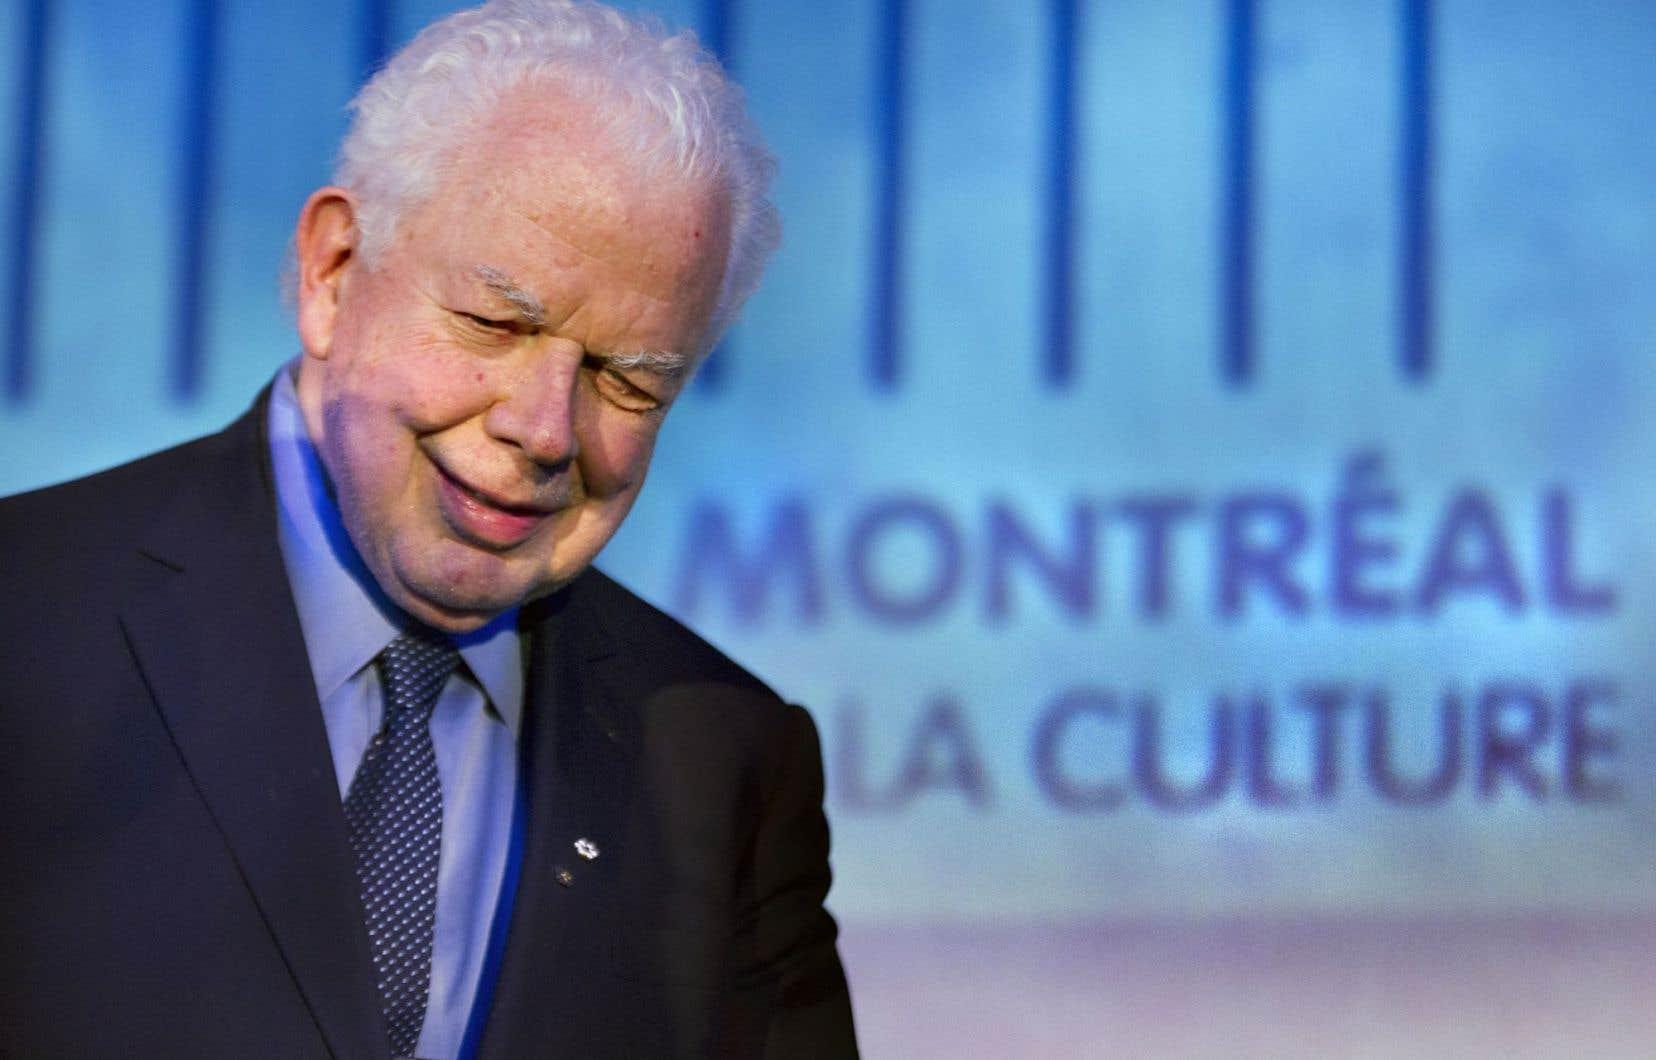 Bernard Lamarre a créé et dirigé Lavalin, une société de génie-conseil d'envergure mondiale classée alors parmi les dix plus importantes de la planète.